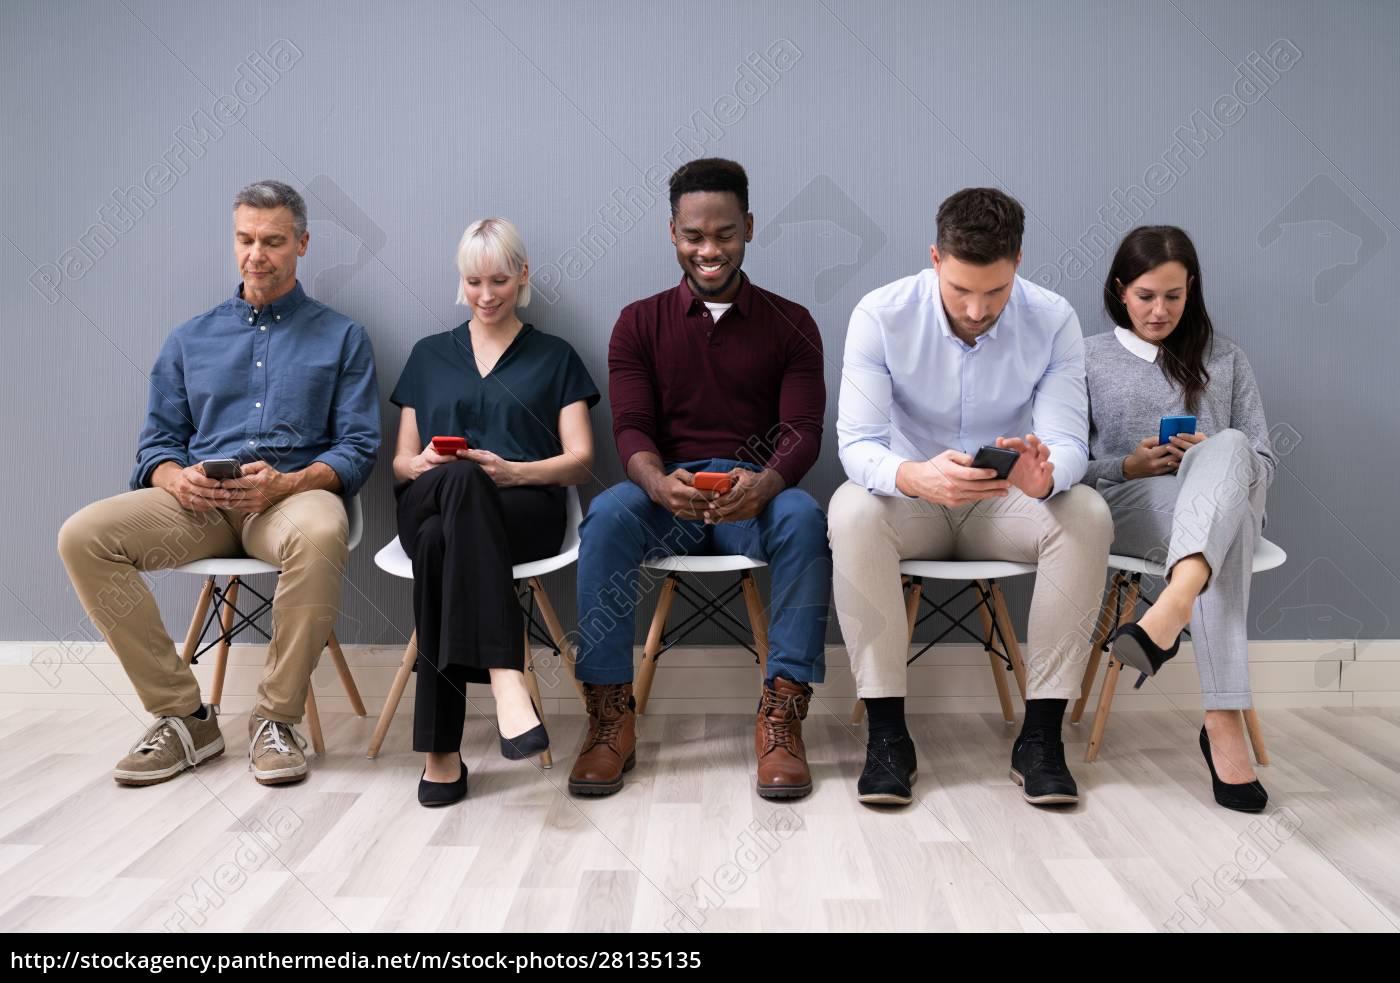 wnioskodawcy, korzystający, z, telefonów, komórkowych - 28135135